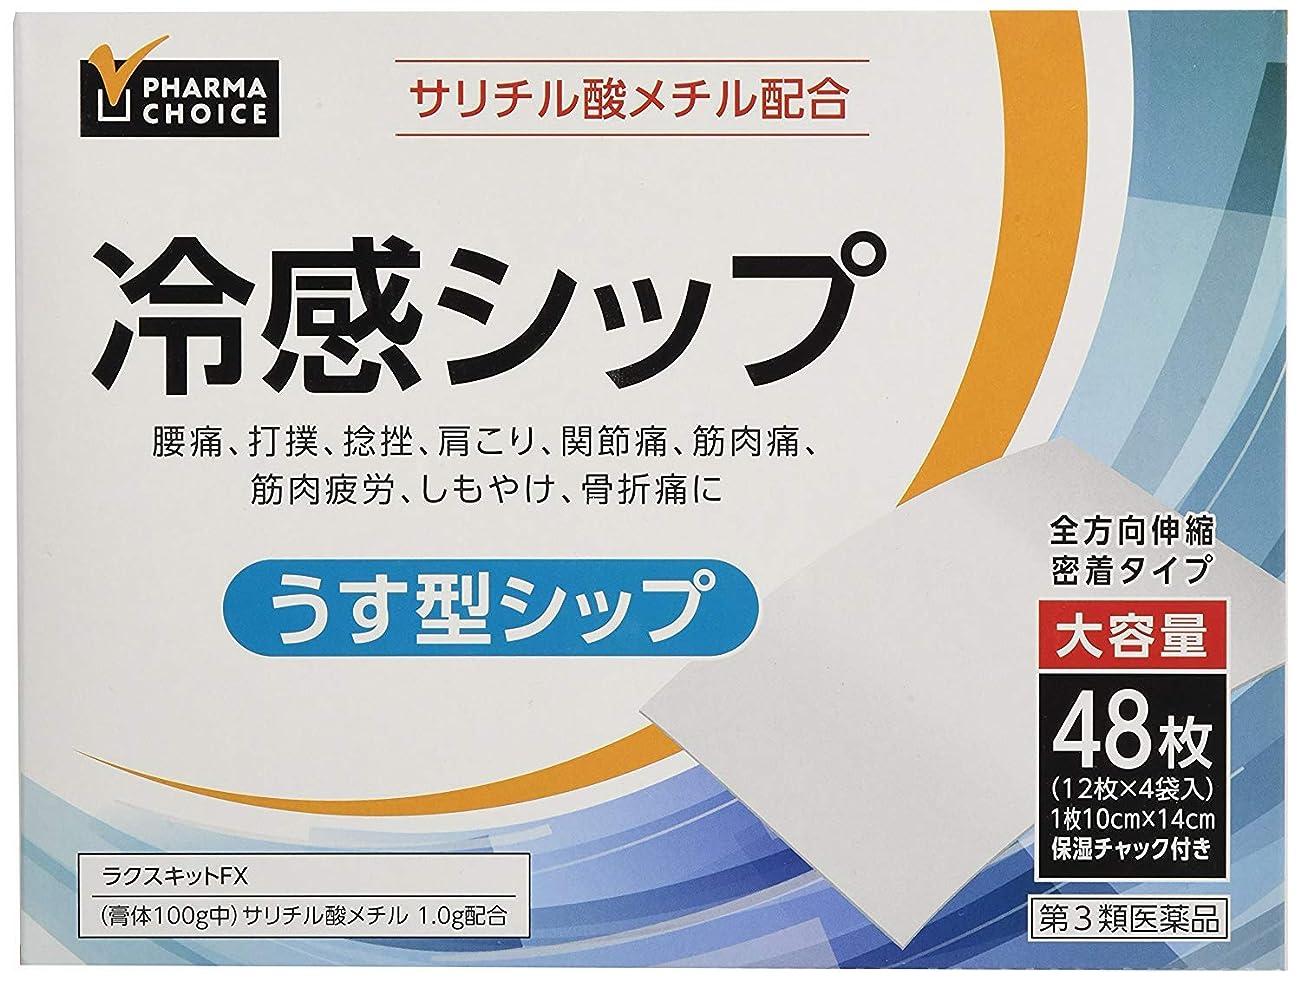 いくつかの飢饉おじさん[Amazon限定ブランド]【第3類医薬品】PHARMA CHOICE 冷感シップ ラクスキットFX 48枚